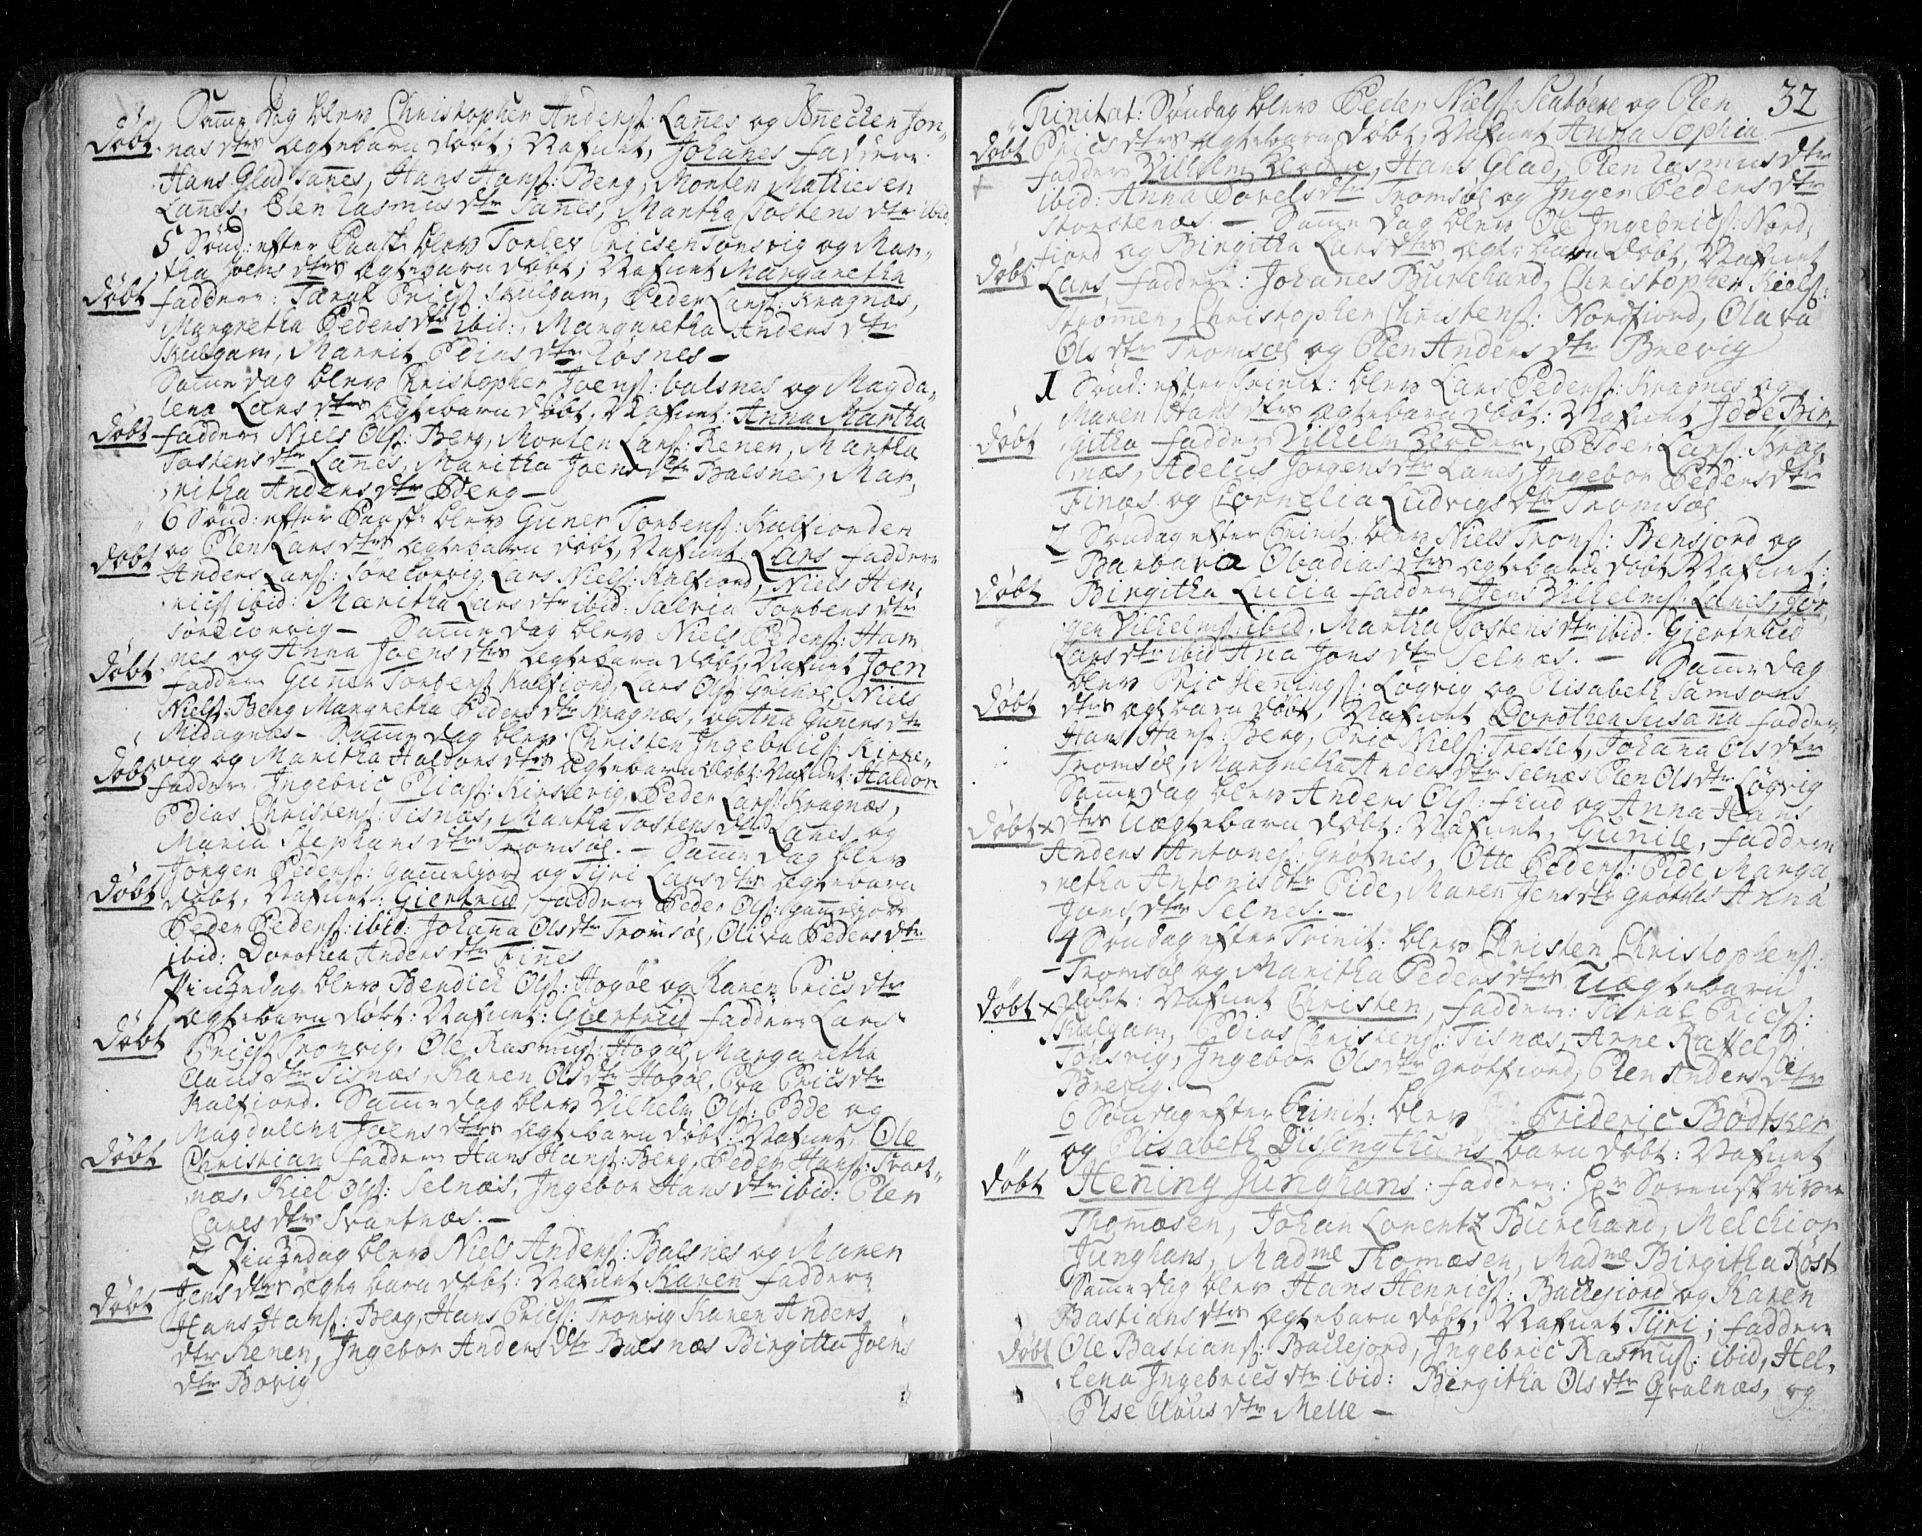 SATØ, Tromsø sokneprestkontor/stiftsprosti/domprosti, G/Ga/L0002kirke: Ministerialbok nr. 2, 1753-1778, s. 32